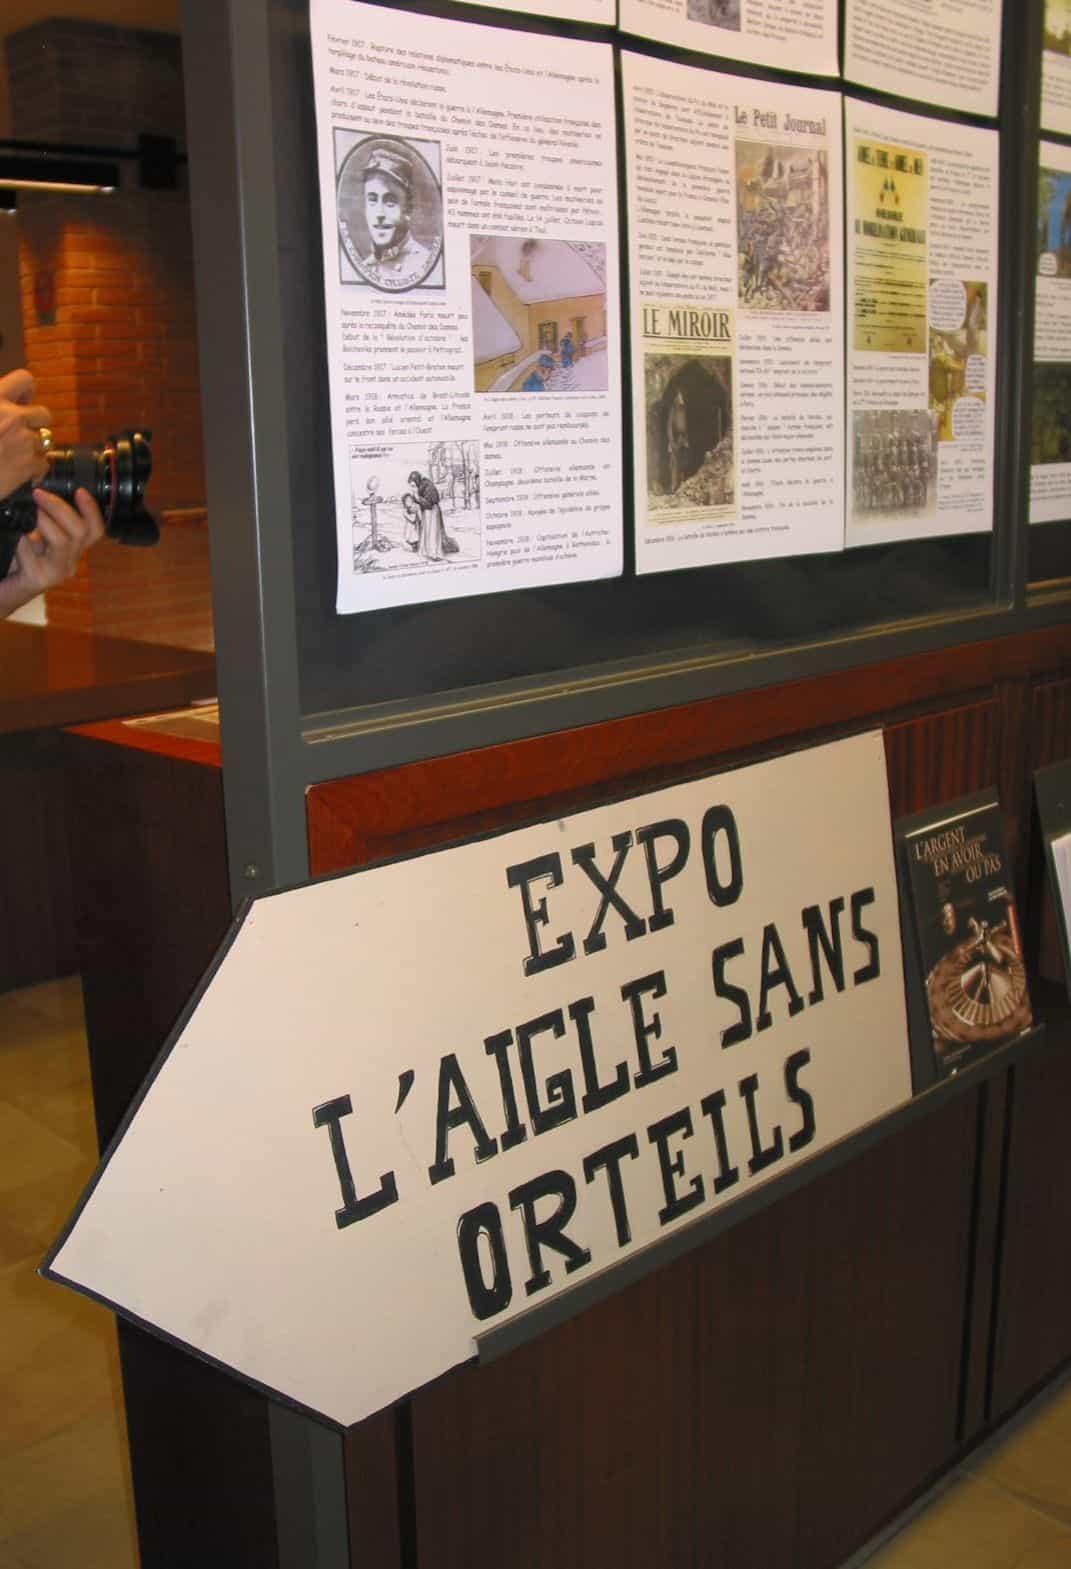 L'Exposition sur L'Aigle sans orteils de Lax à Blois : une réalisation de grand niveau